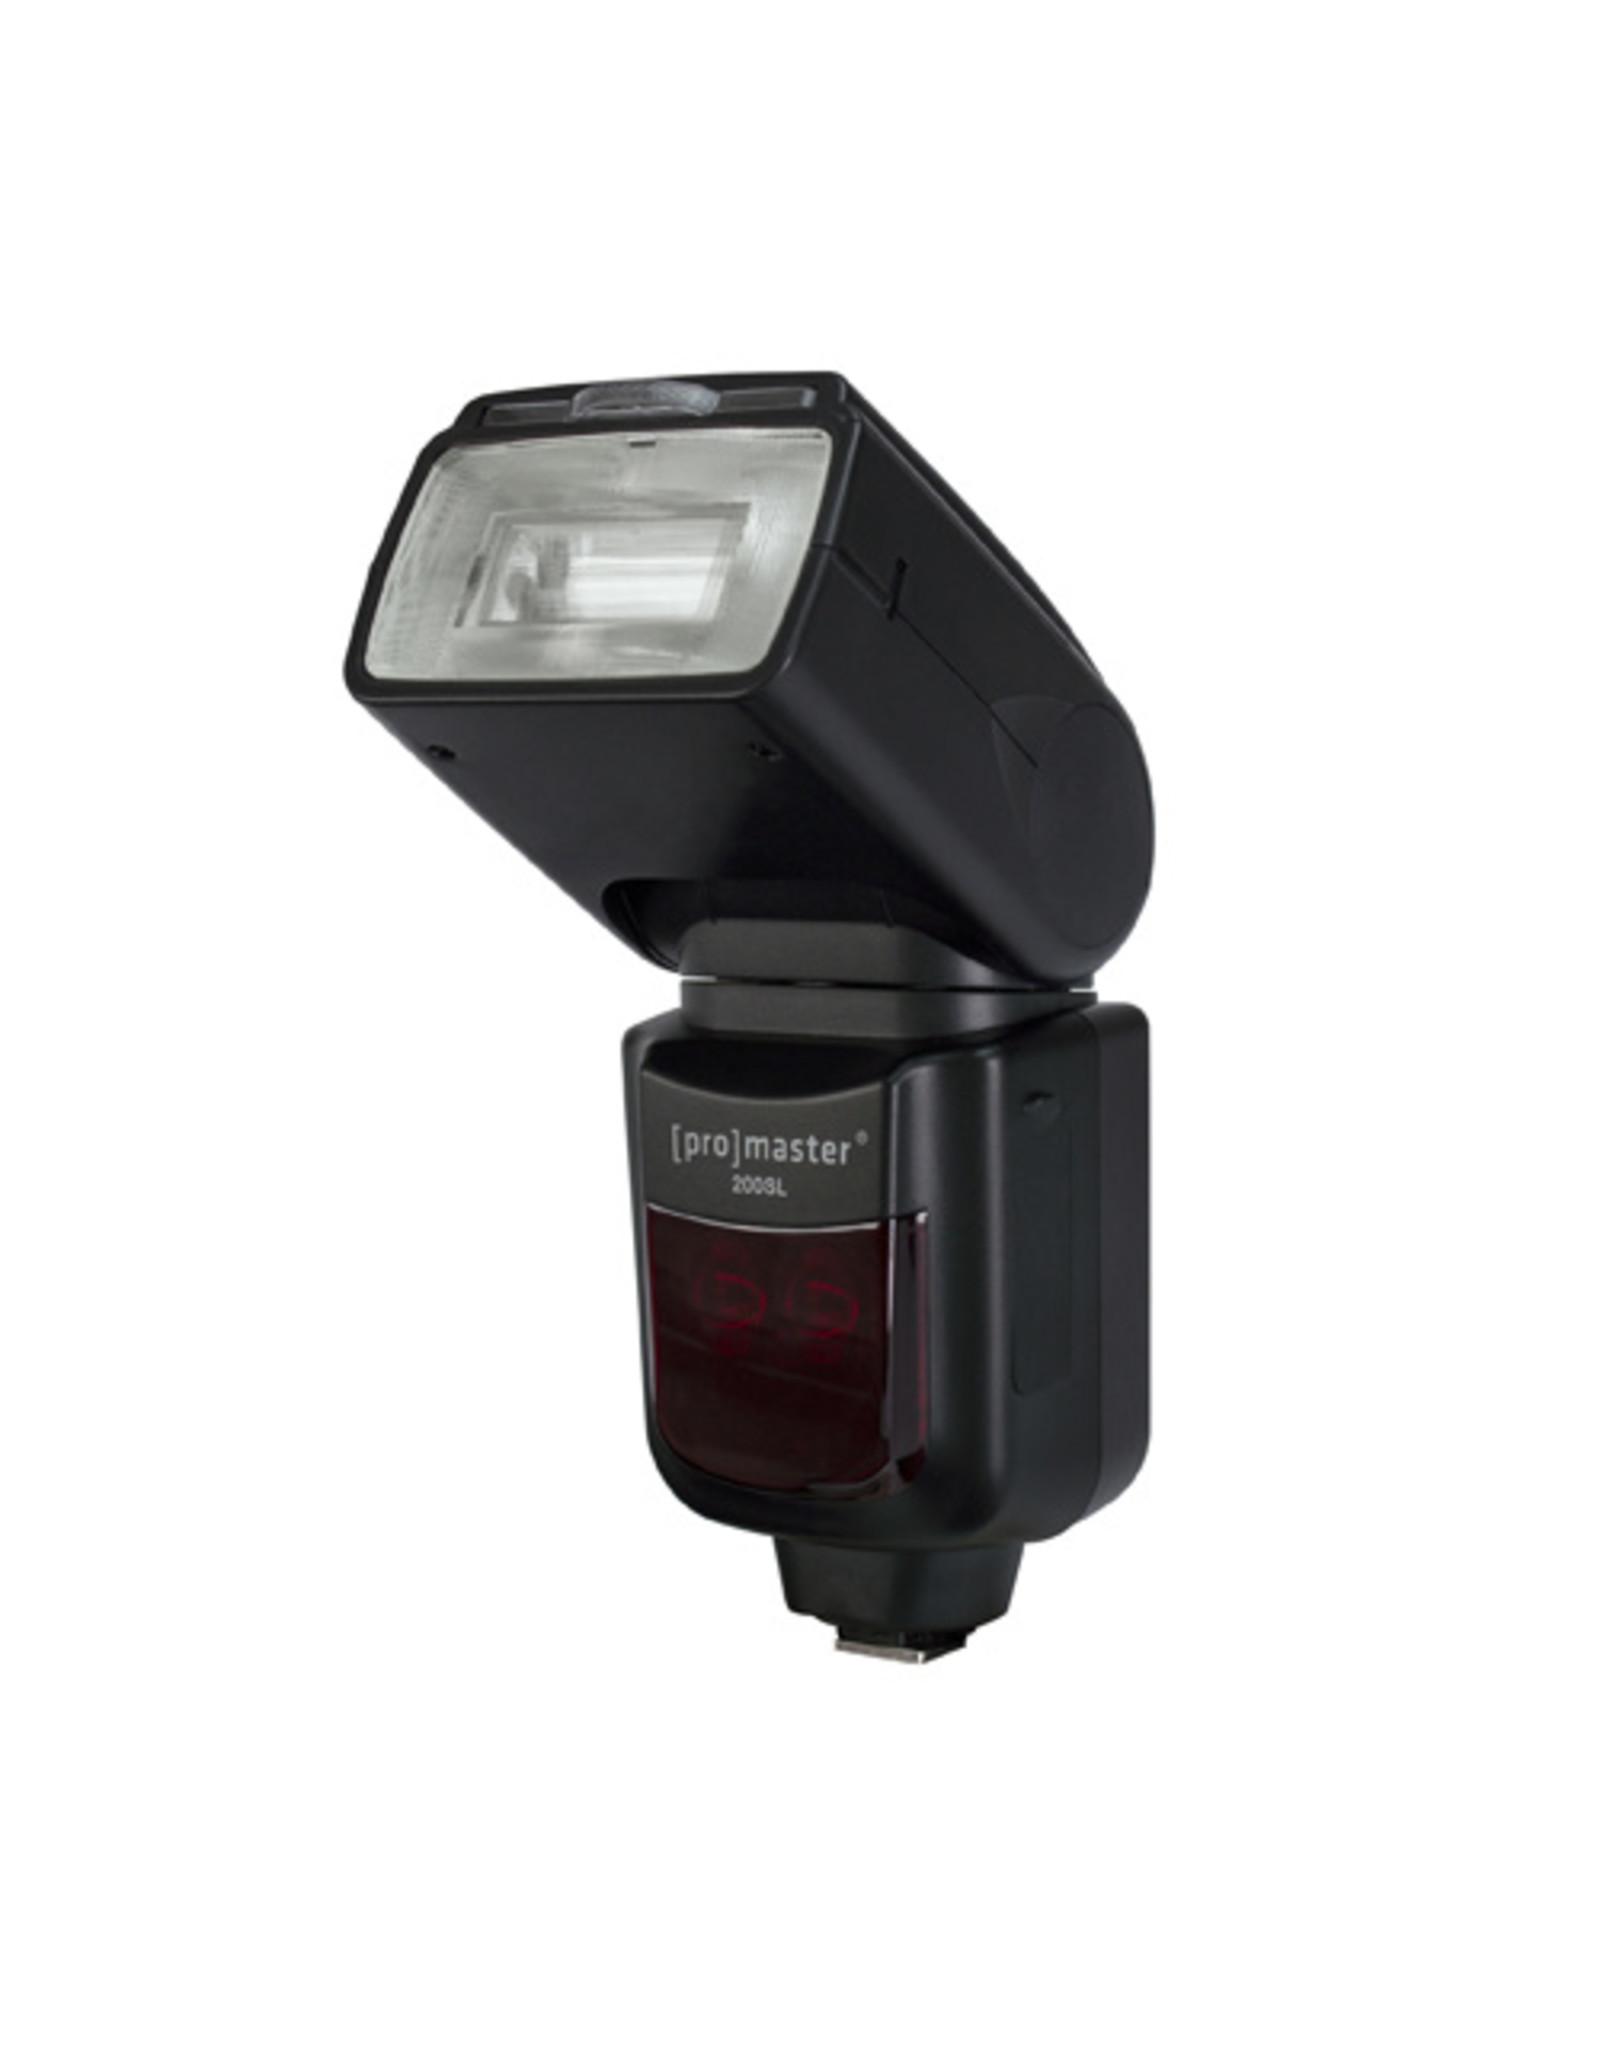 ProMaster ProMaster Speedlight 200SL - Canon